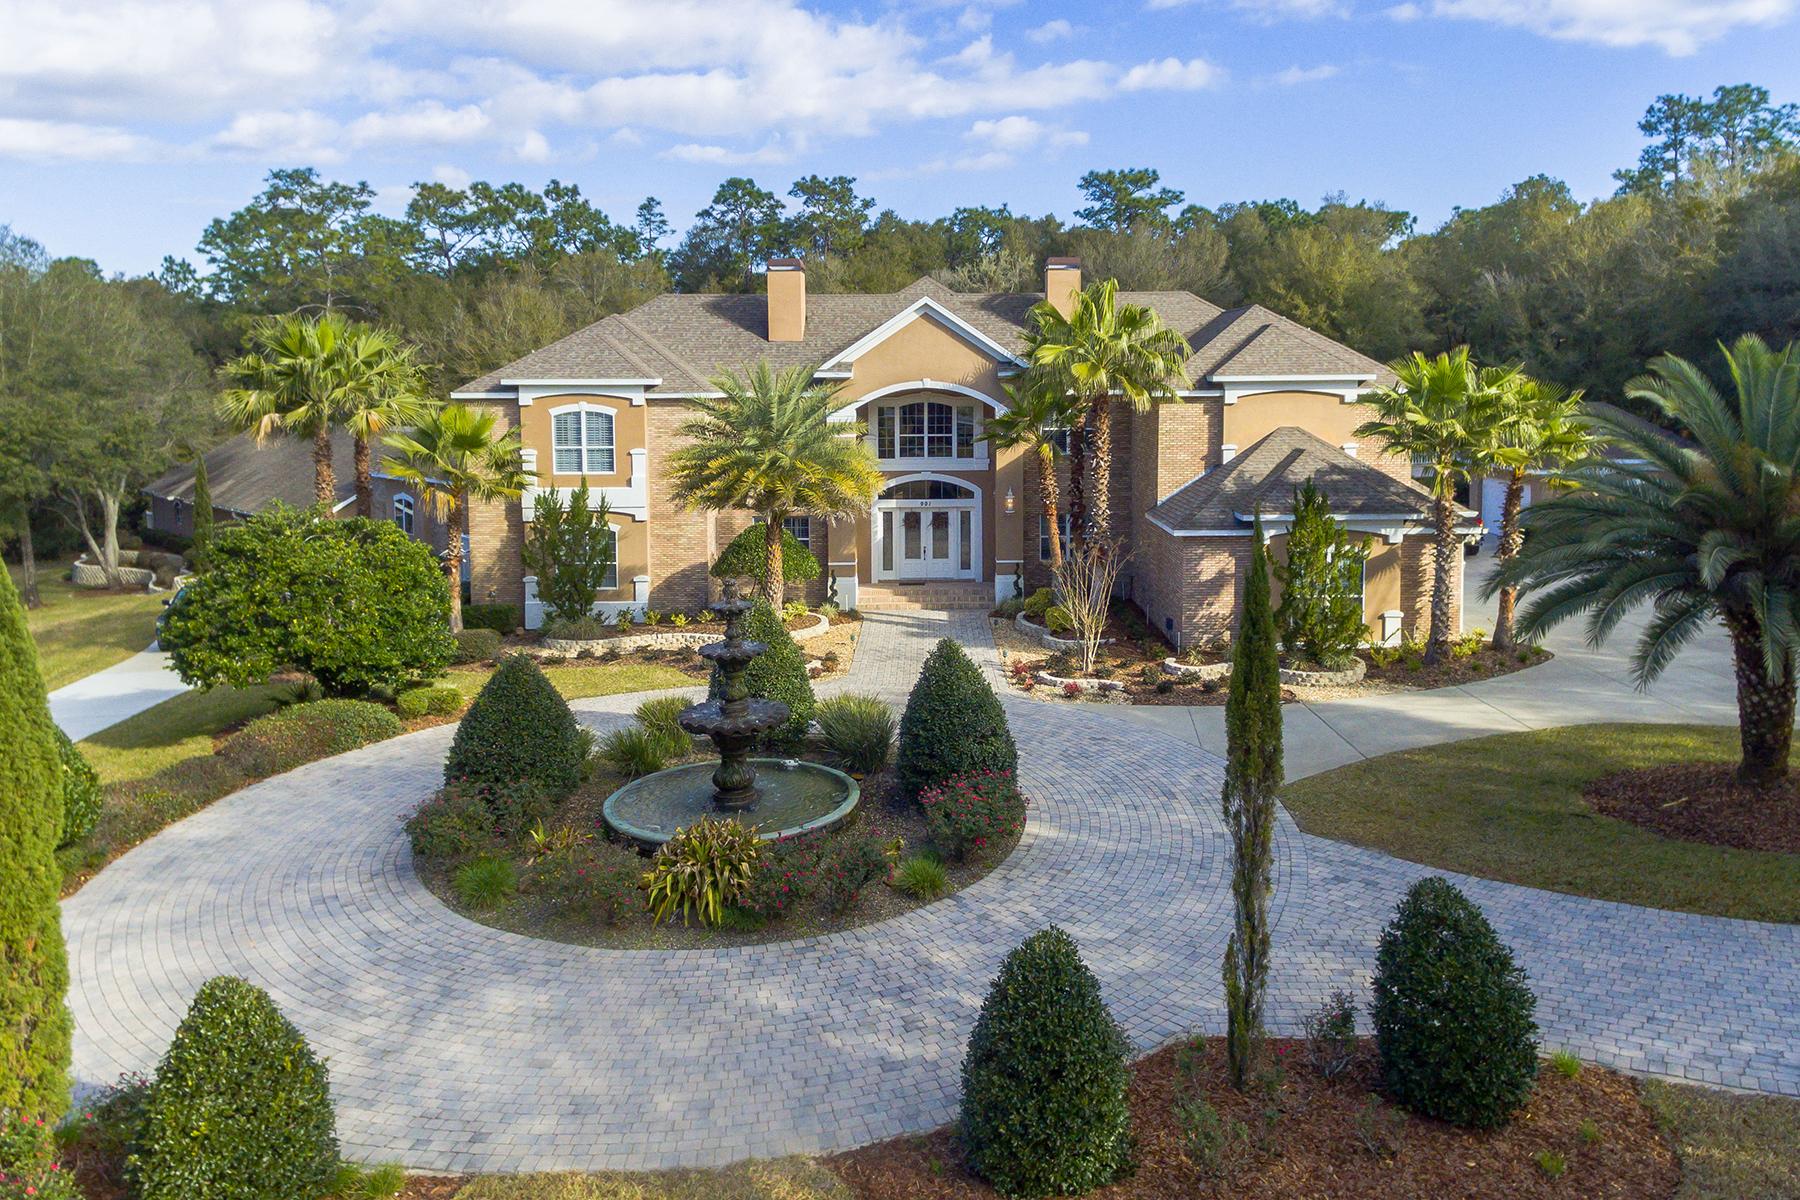 단독 가정 주택 용 매매 에 DELAND 901 Lincoln Rd Deland, 플로리다, 32724 미국